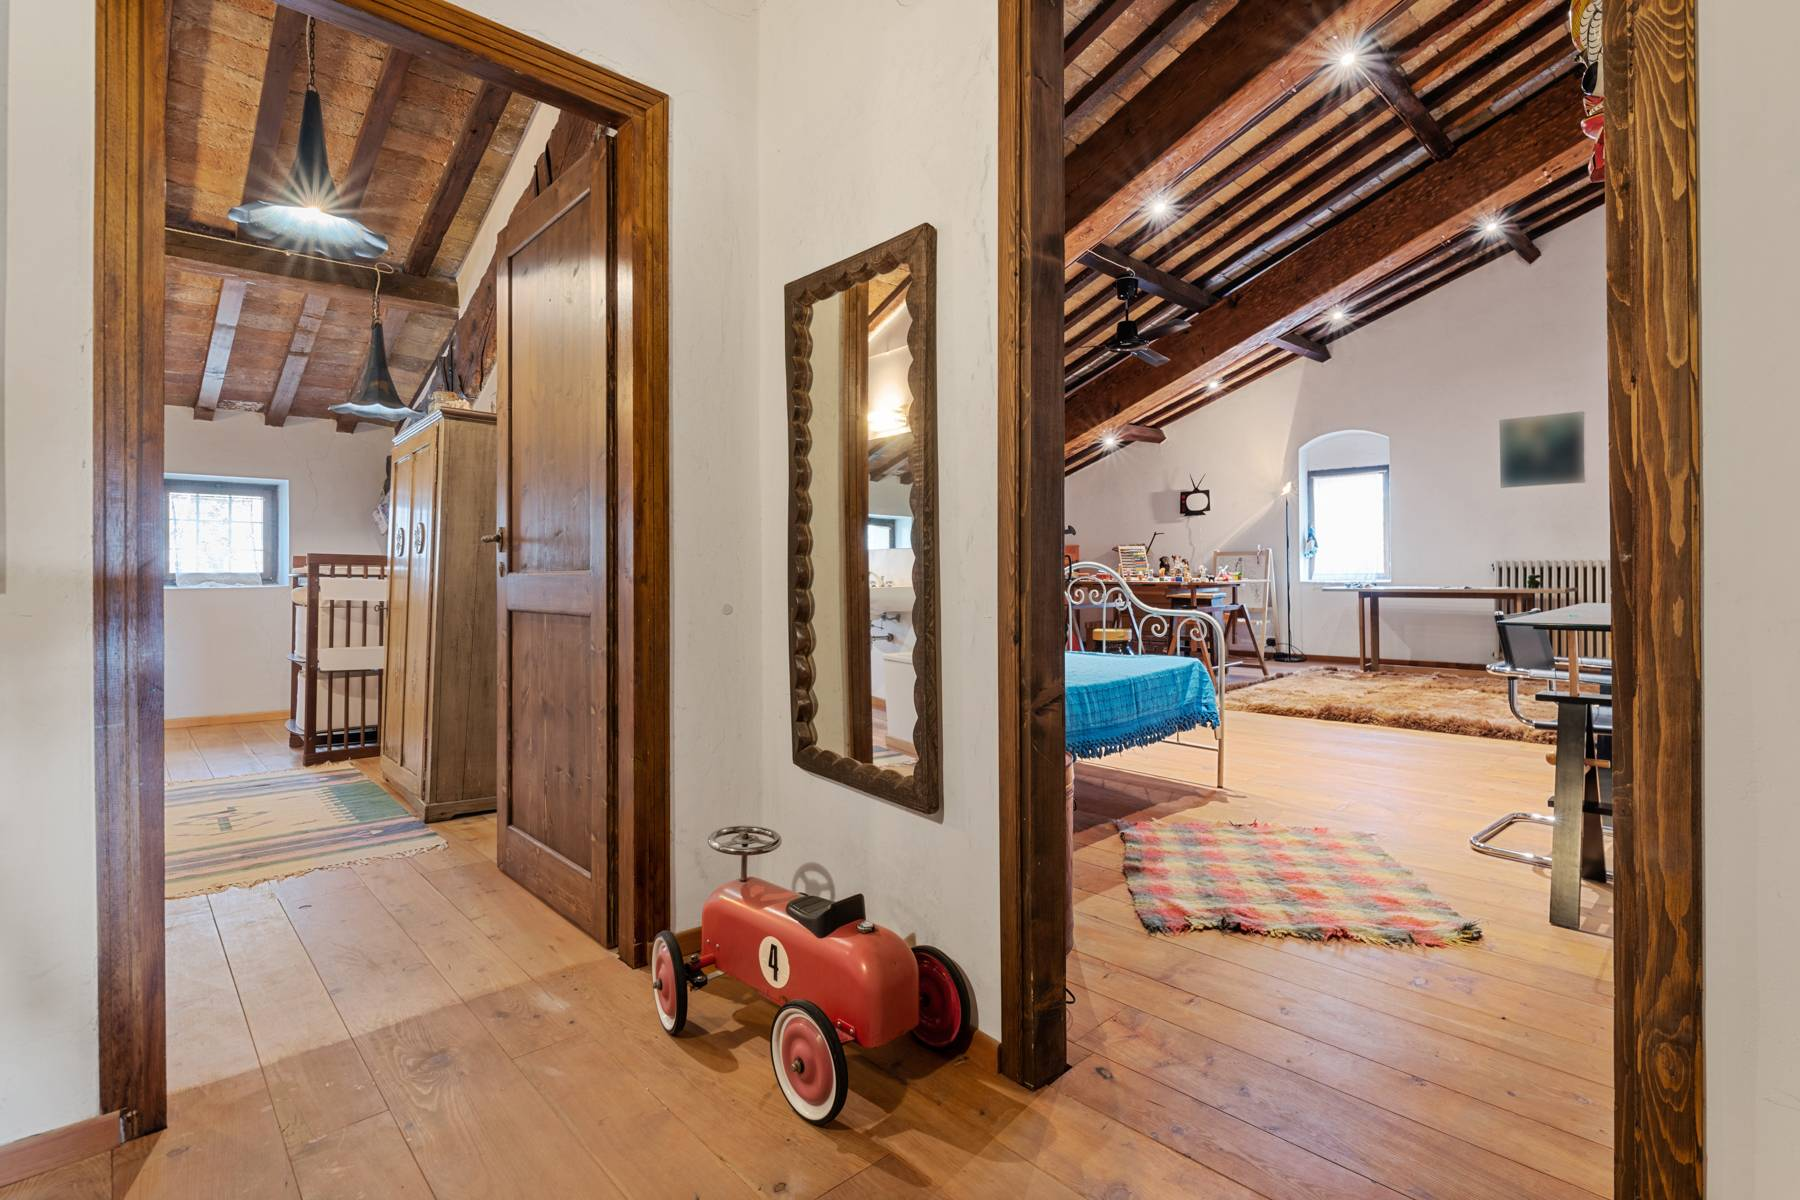 Rustico in Vendita a Caprino Veronese: 5 locali, 770 mq - Foto 26